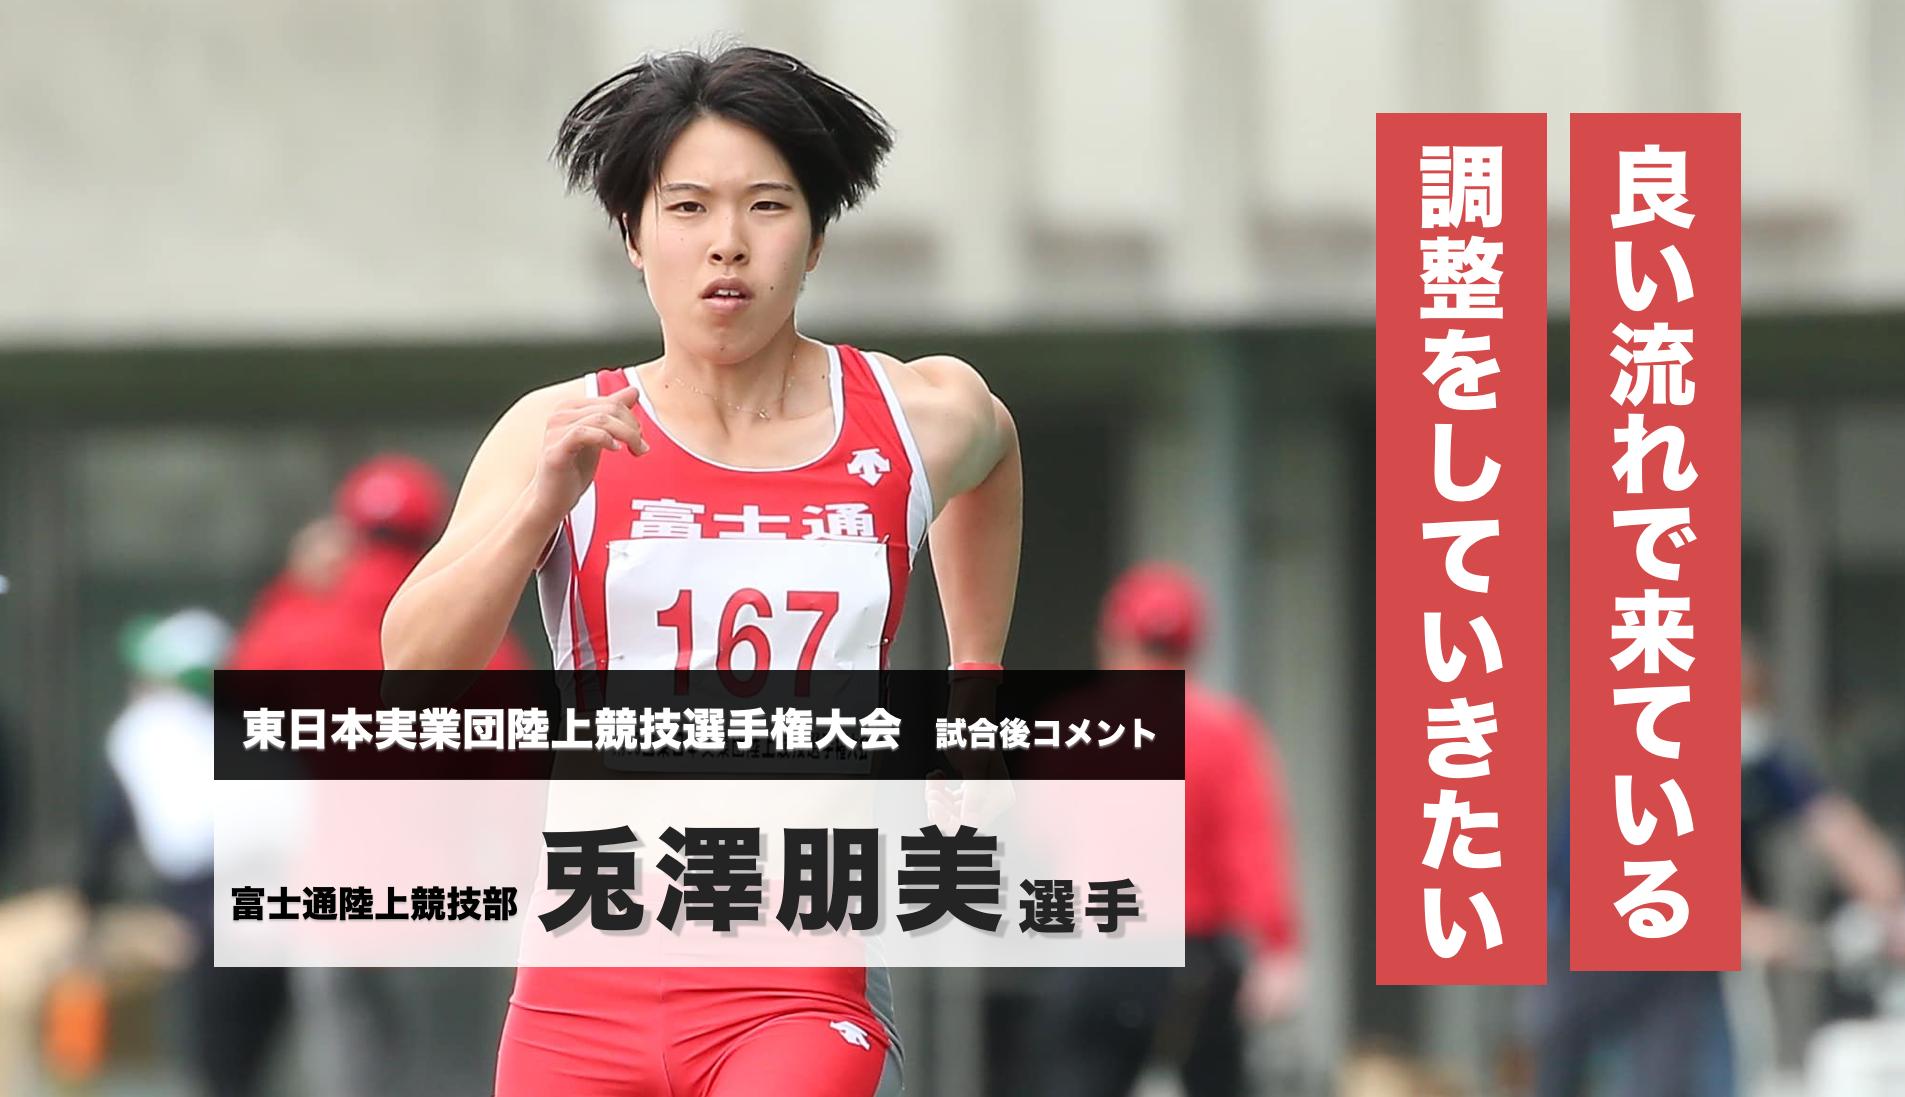 兎澤朋美選手 試合後コメント…